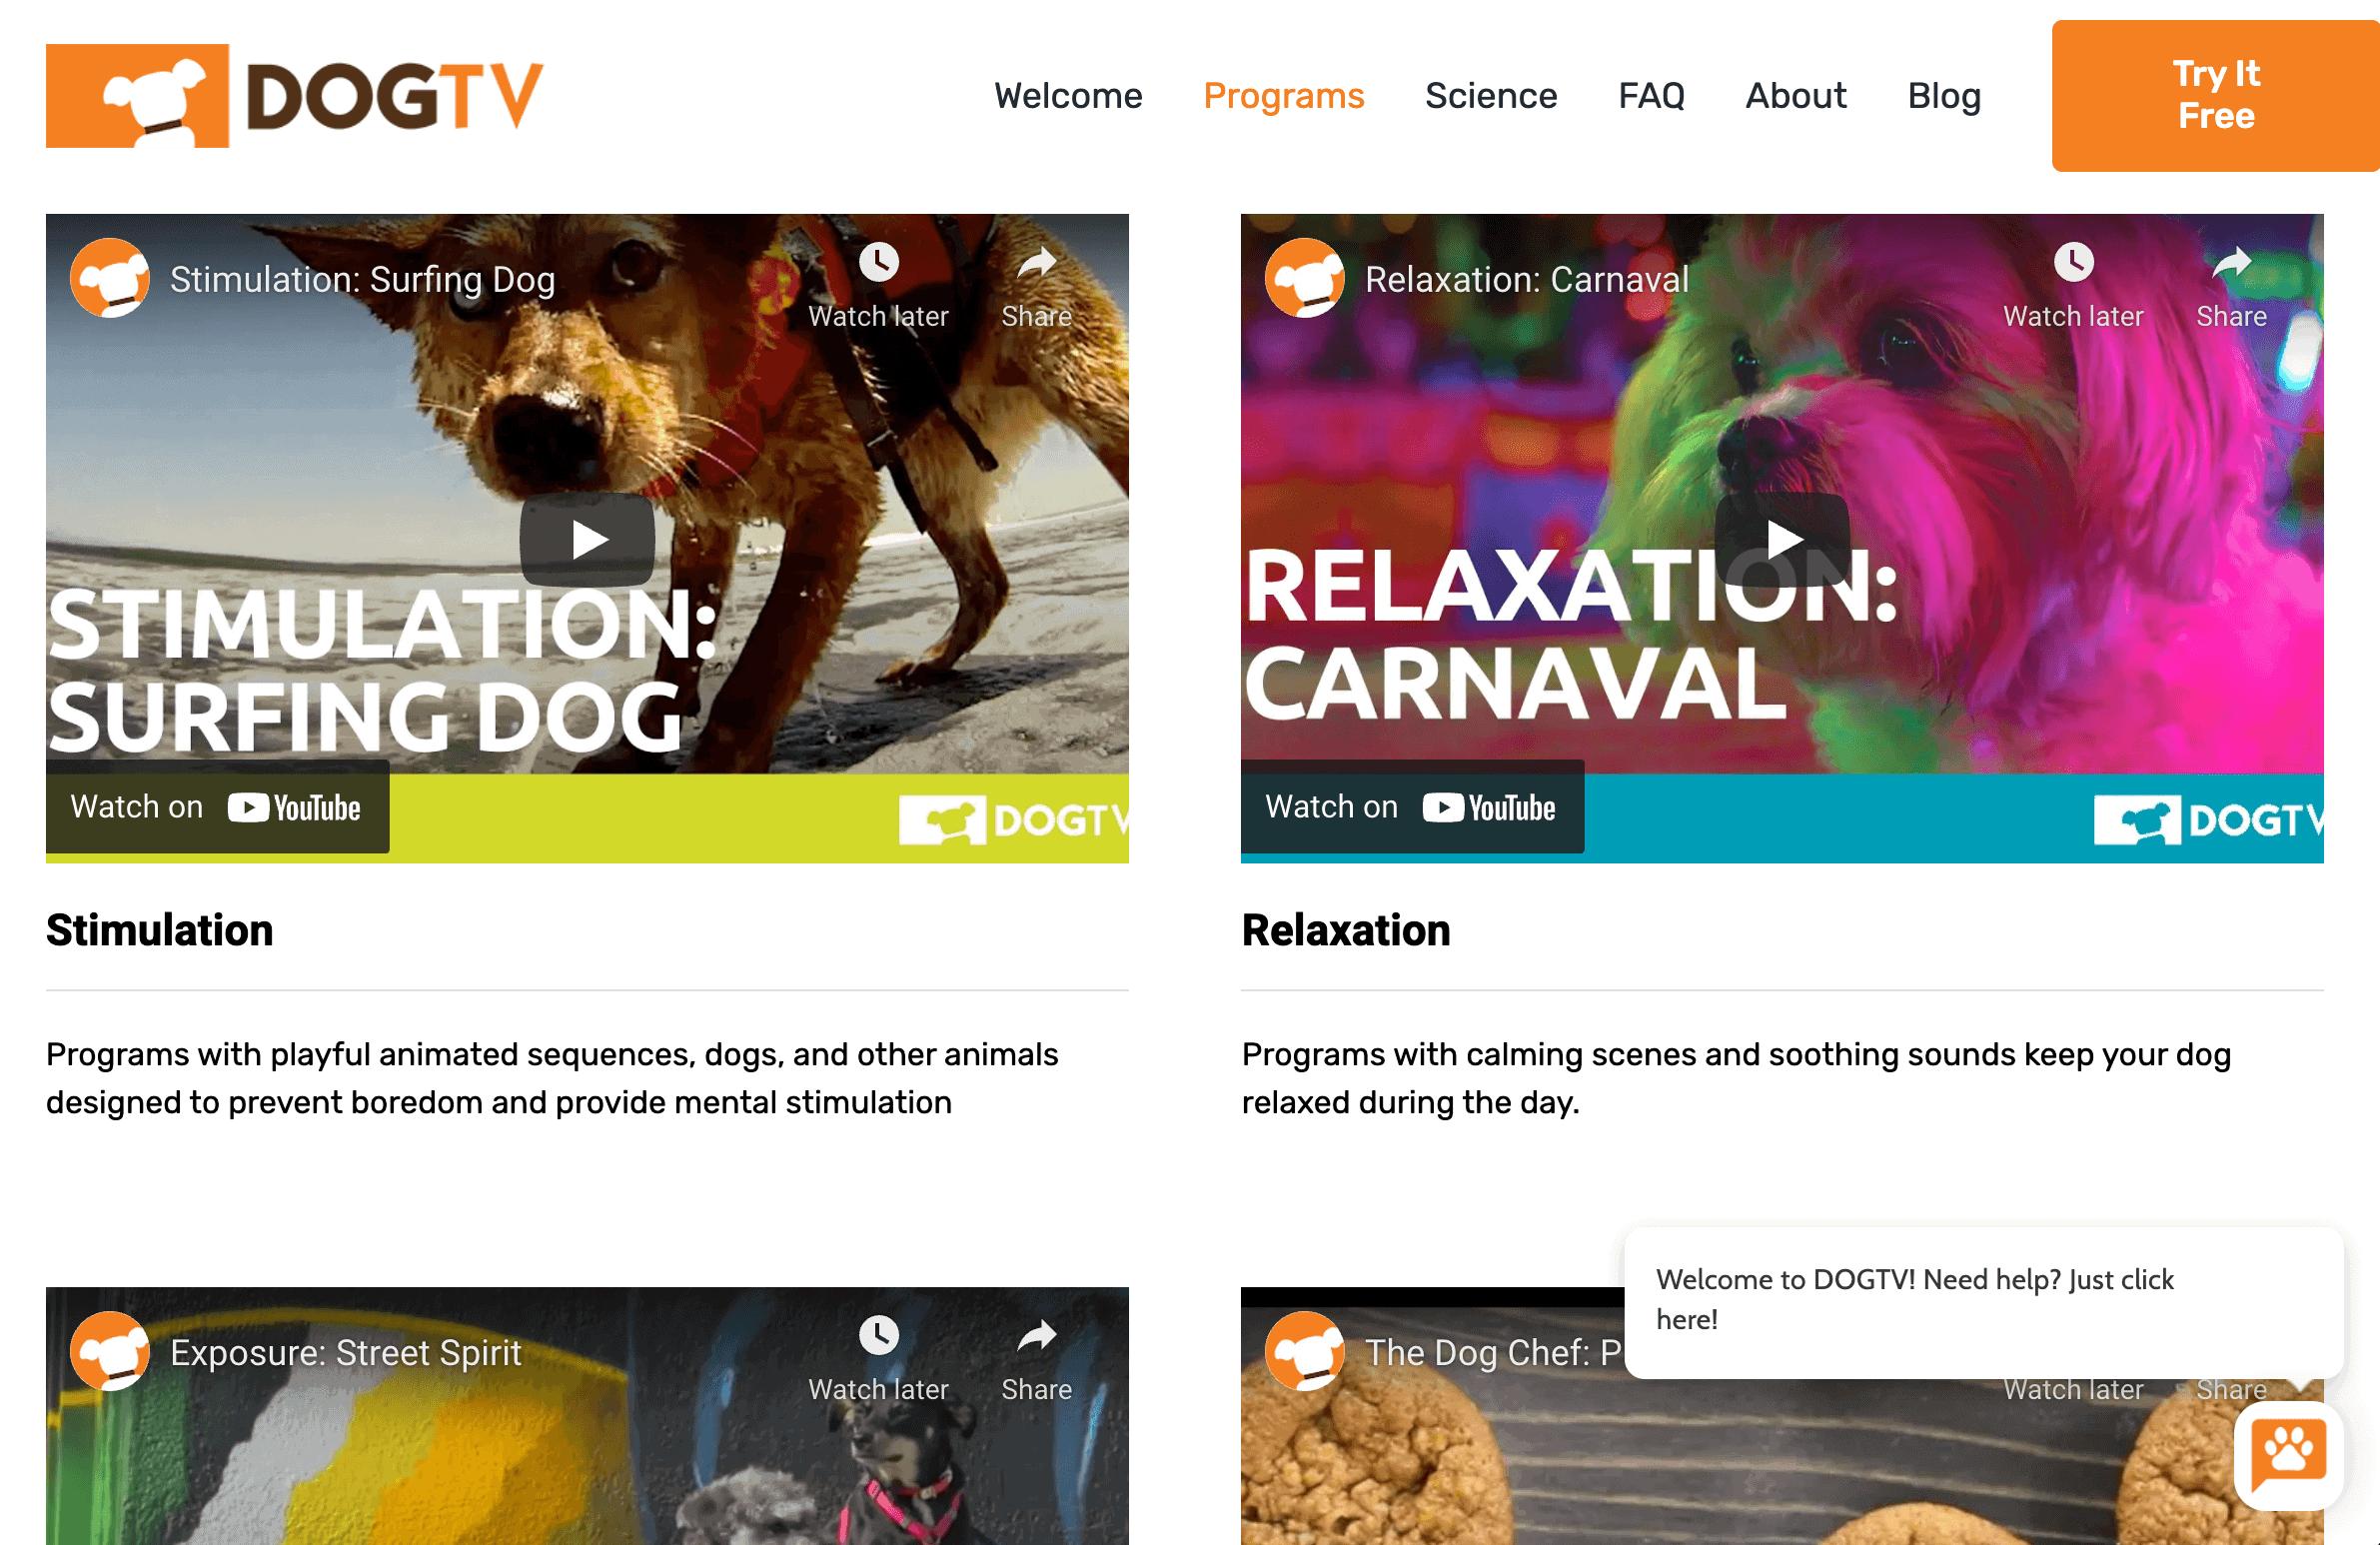 DogTV Programs